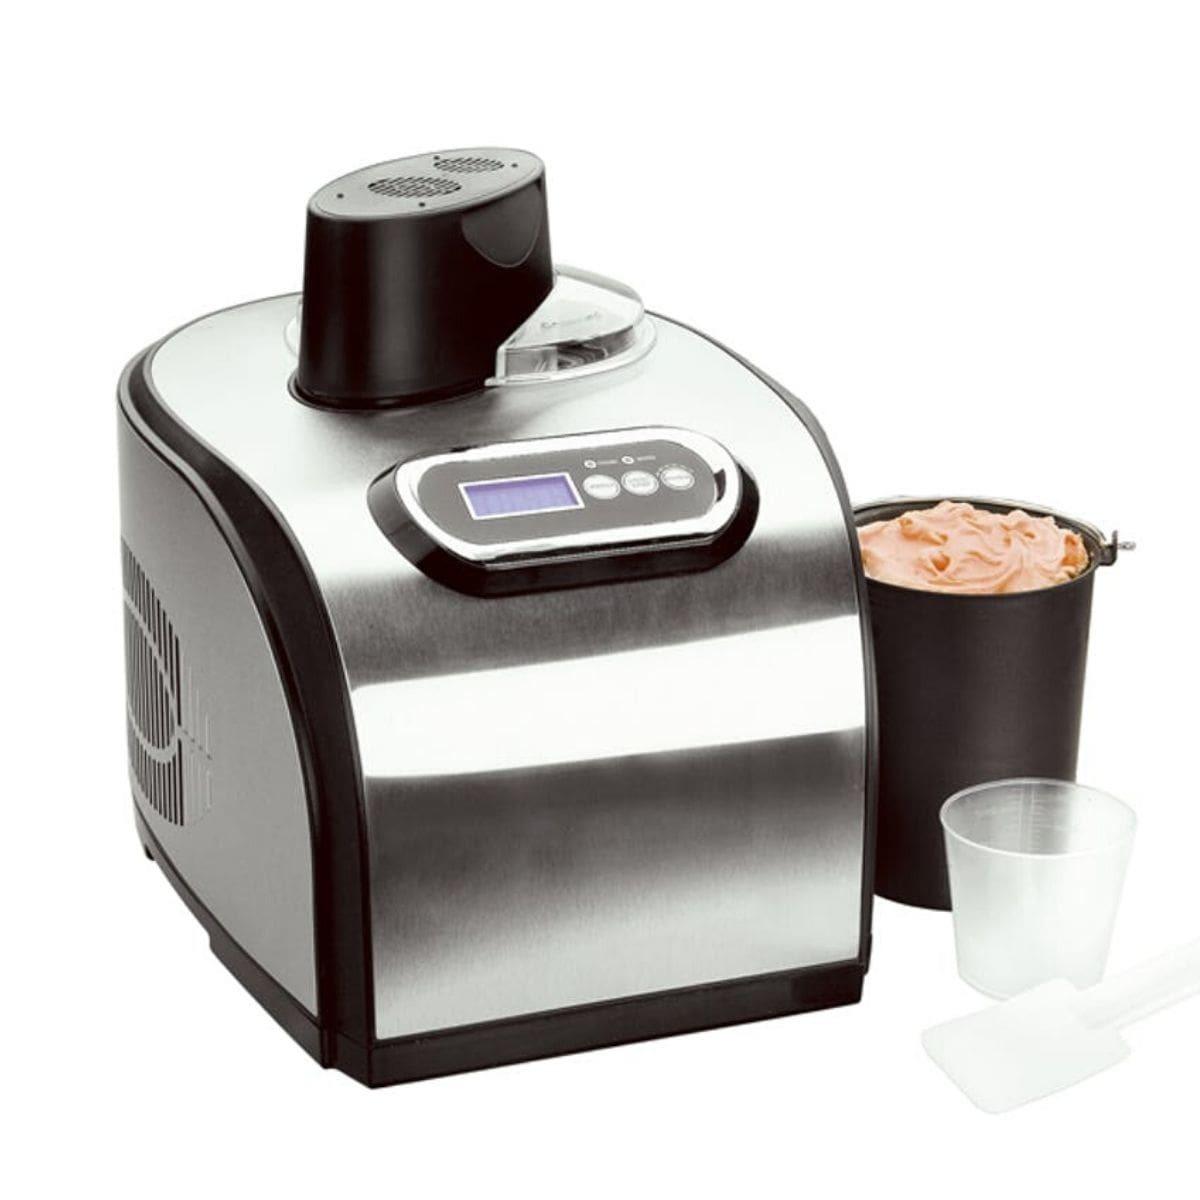 Мороженица Gastrorag ICM-1518 серебристая 1,5 л (автоматическая)